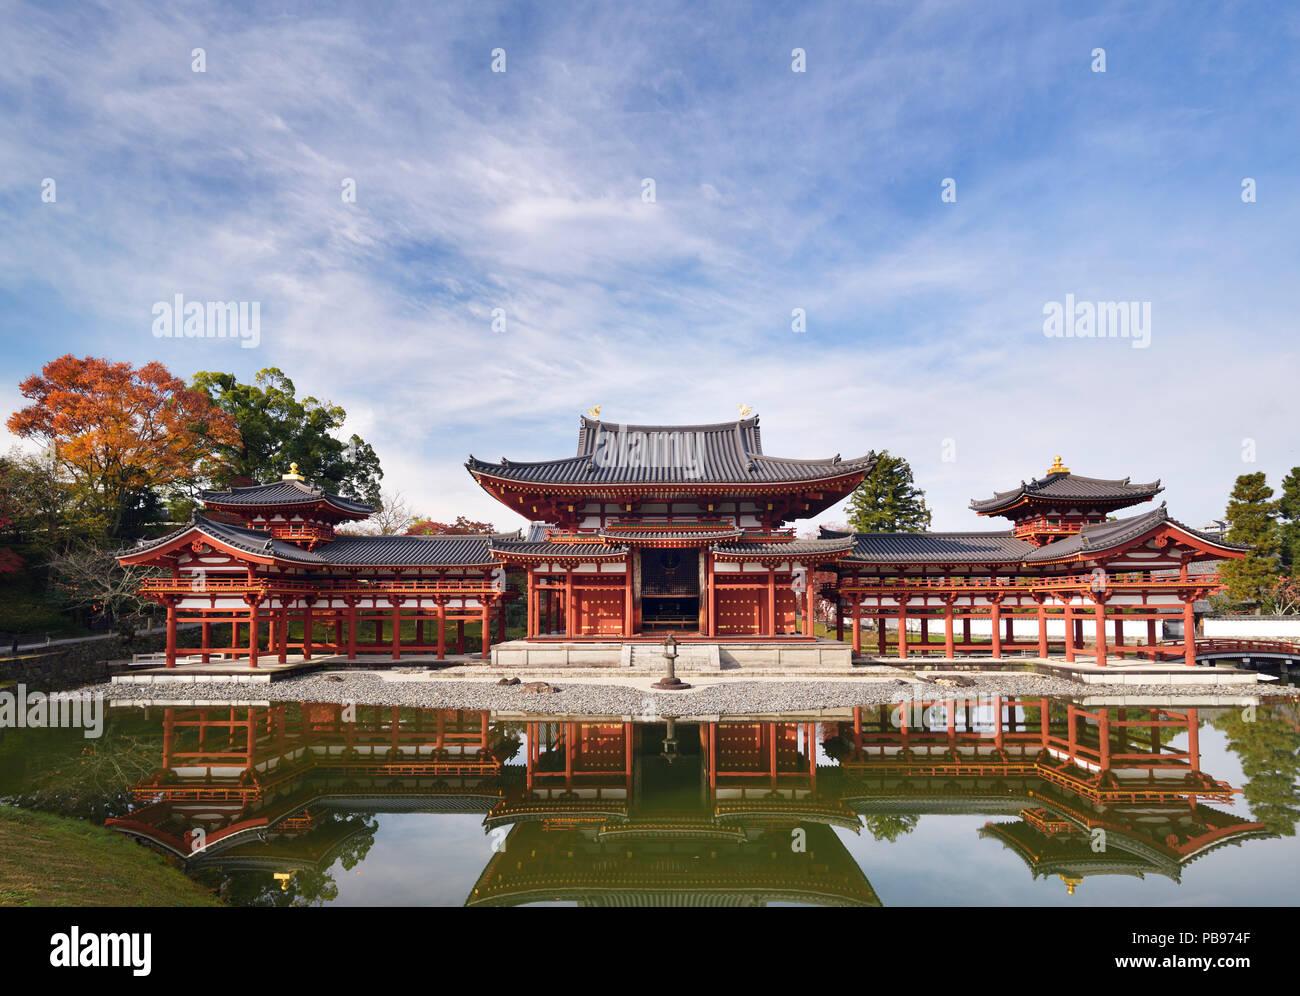 Belle Phoenix Hall, hall d'Amida temple Byodoin Vue avant, permanent, sous ciel bleu sur l'île de Kojima Jodoshiki Teien étang de jardin sur un s Photo Stock